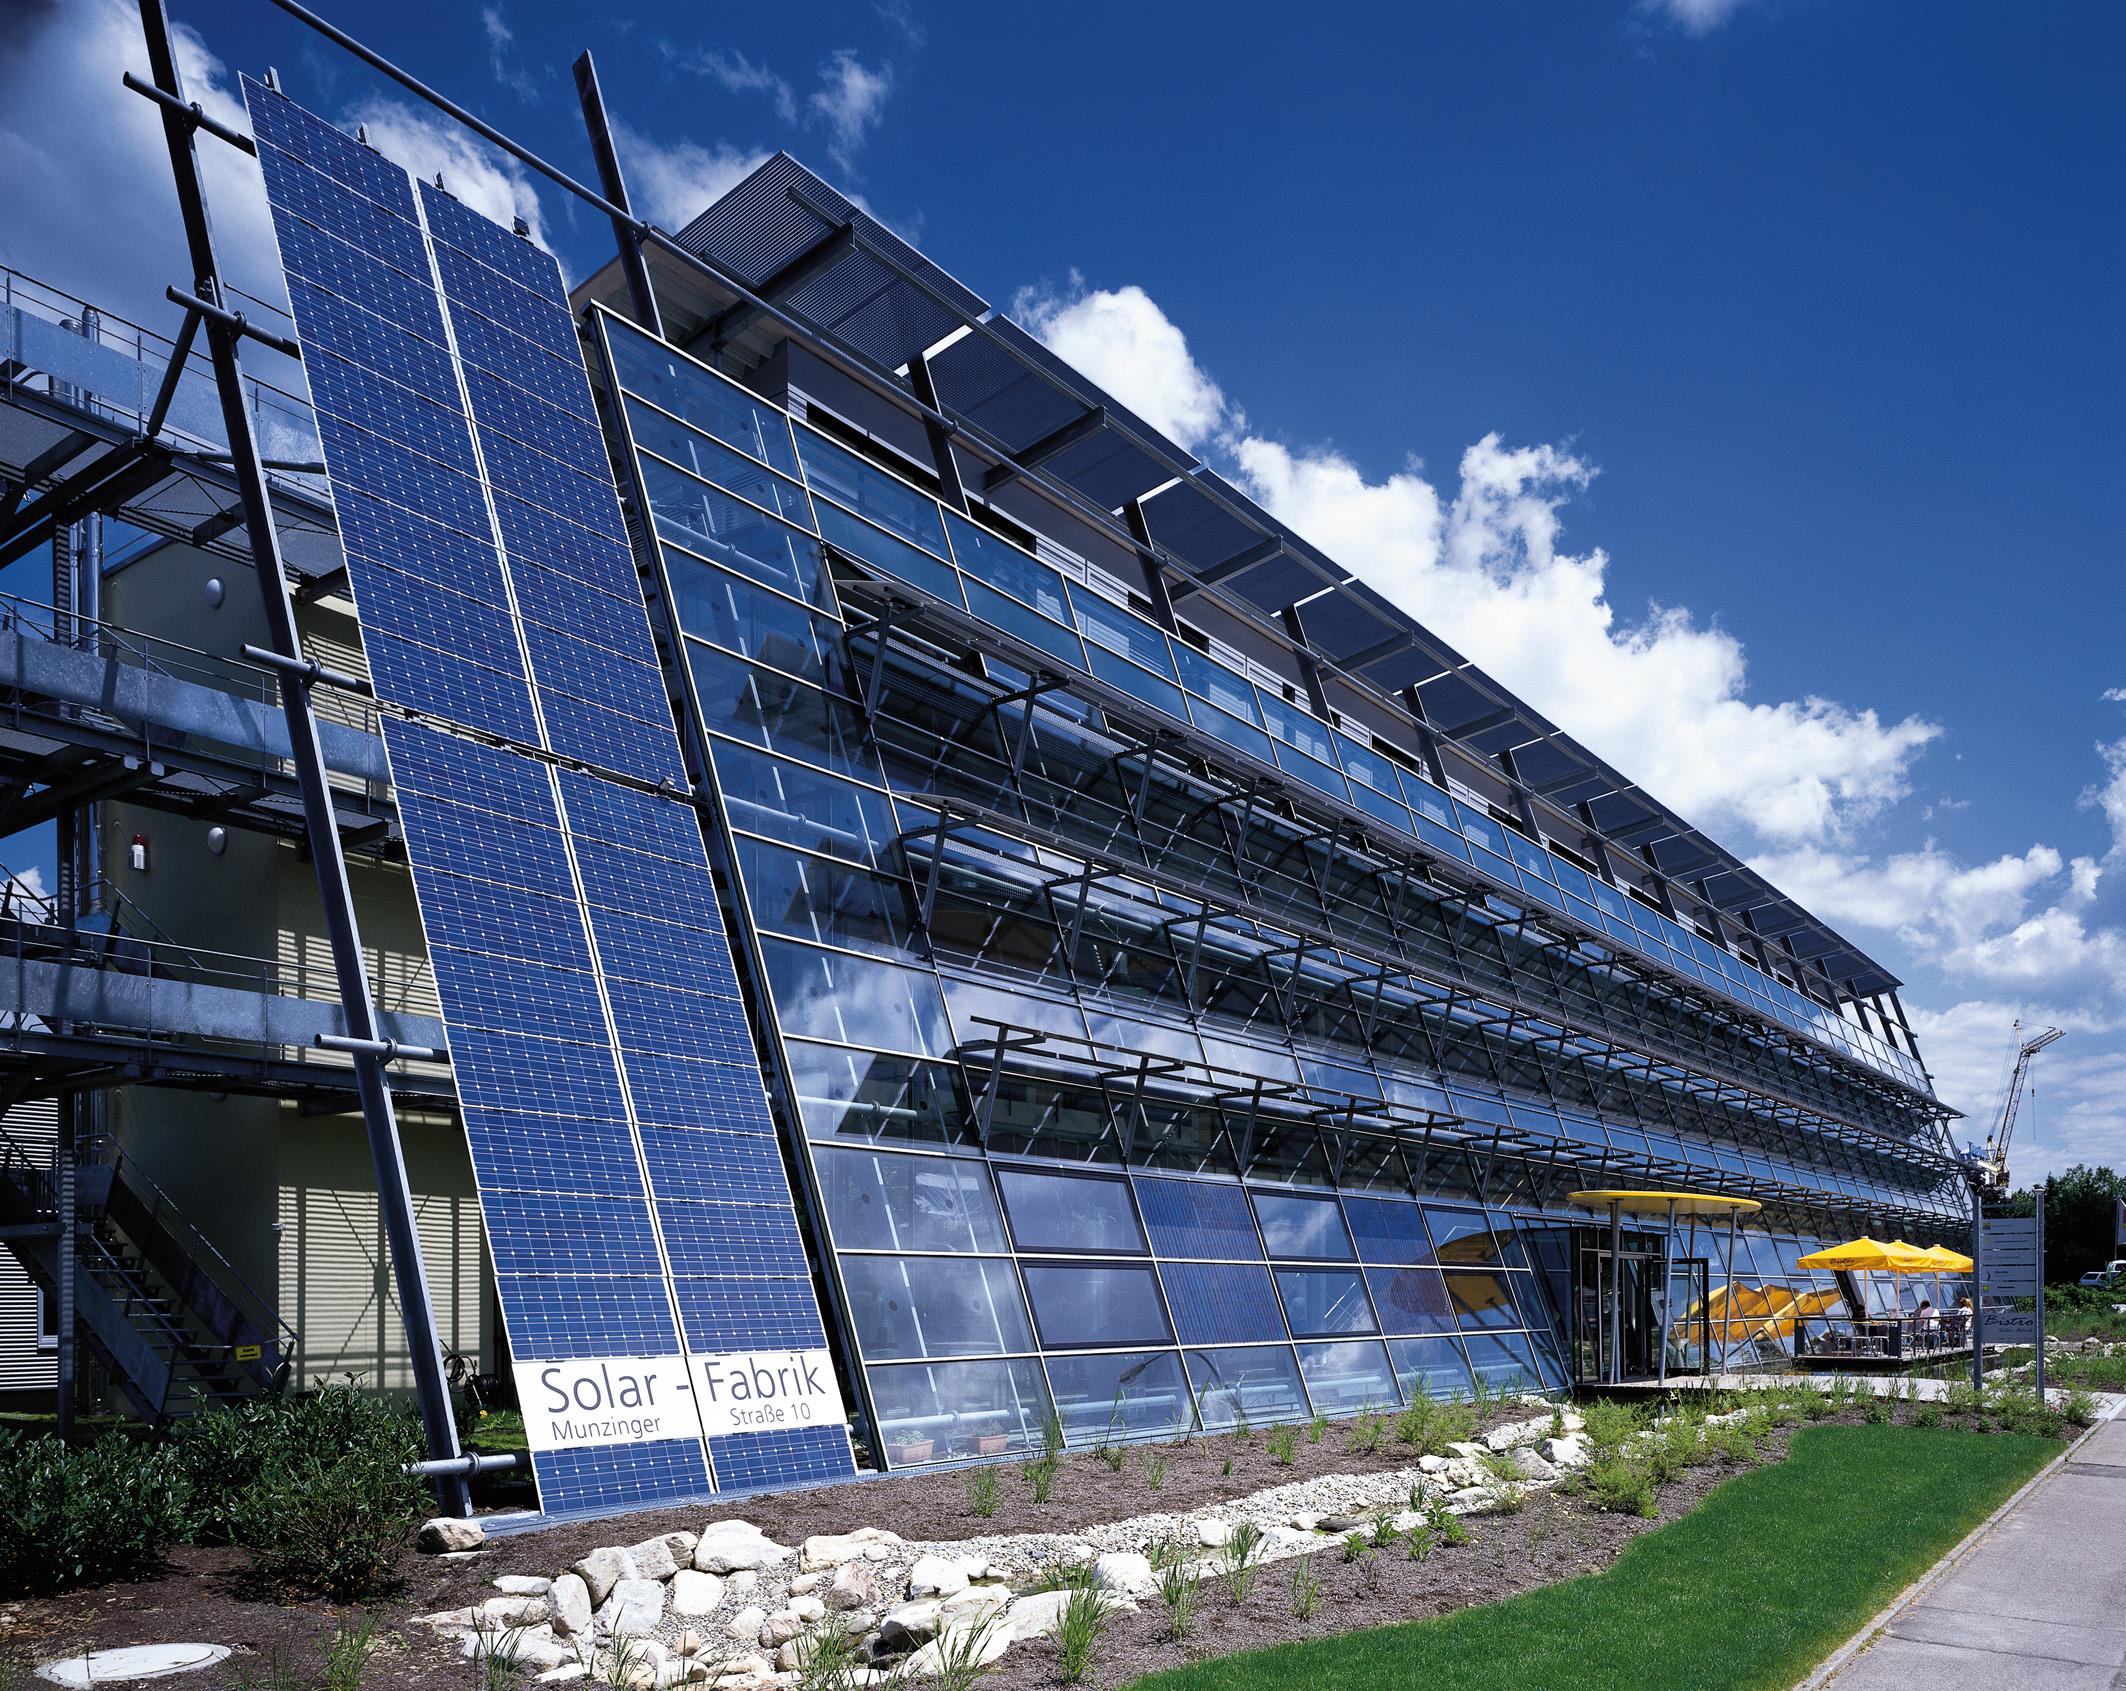 Die Solar-Fabrik in Freiburg warnt vor einem Defekt an ihren Solarmodulen und ruft Kunden auf, ihre Module umgehend zu prüfen. Foto: Solar-Fabrik AG